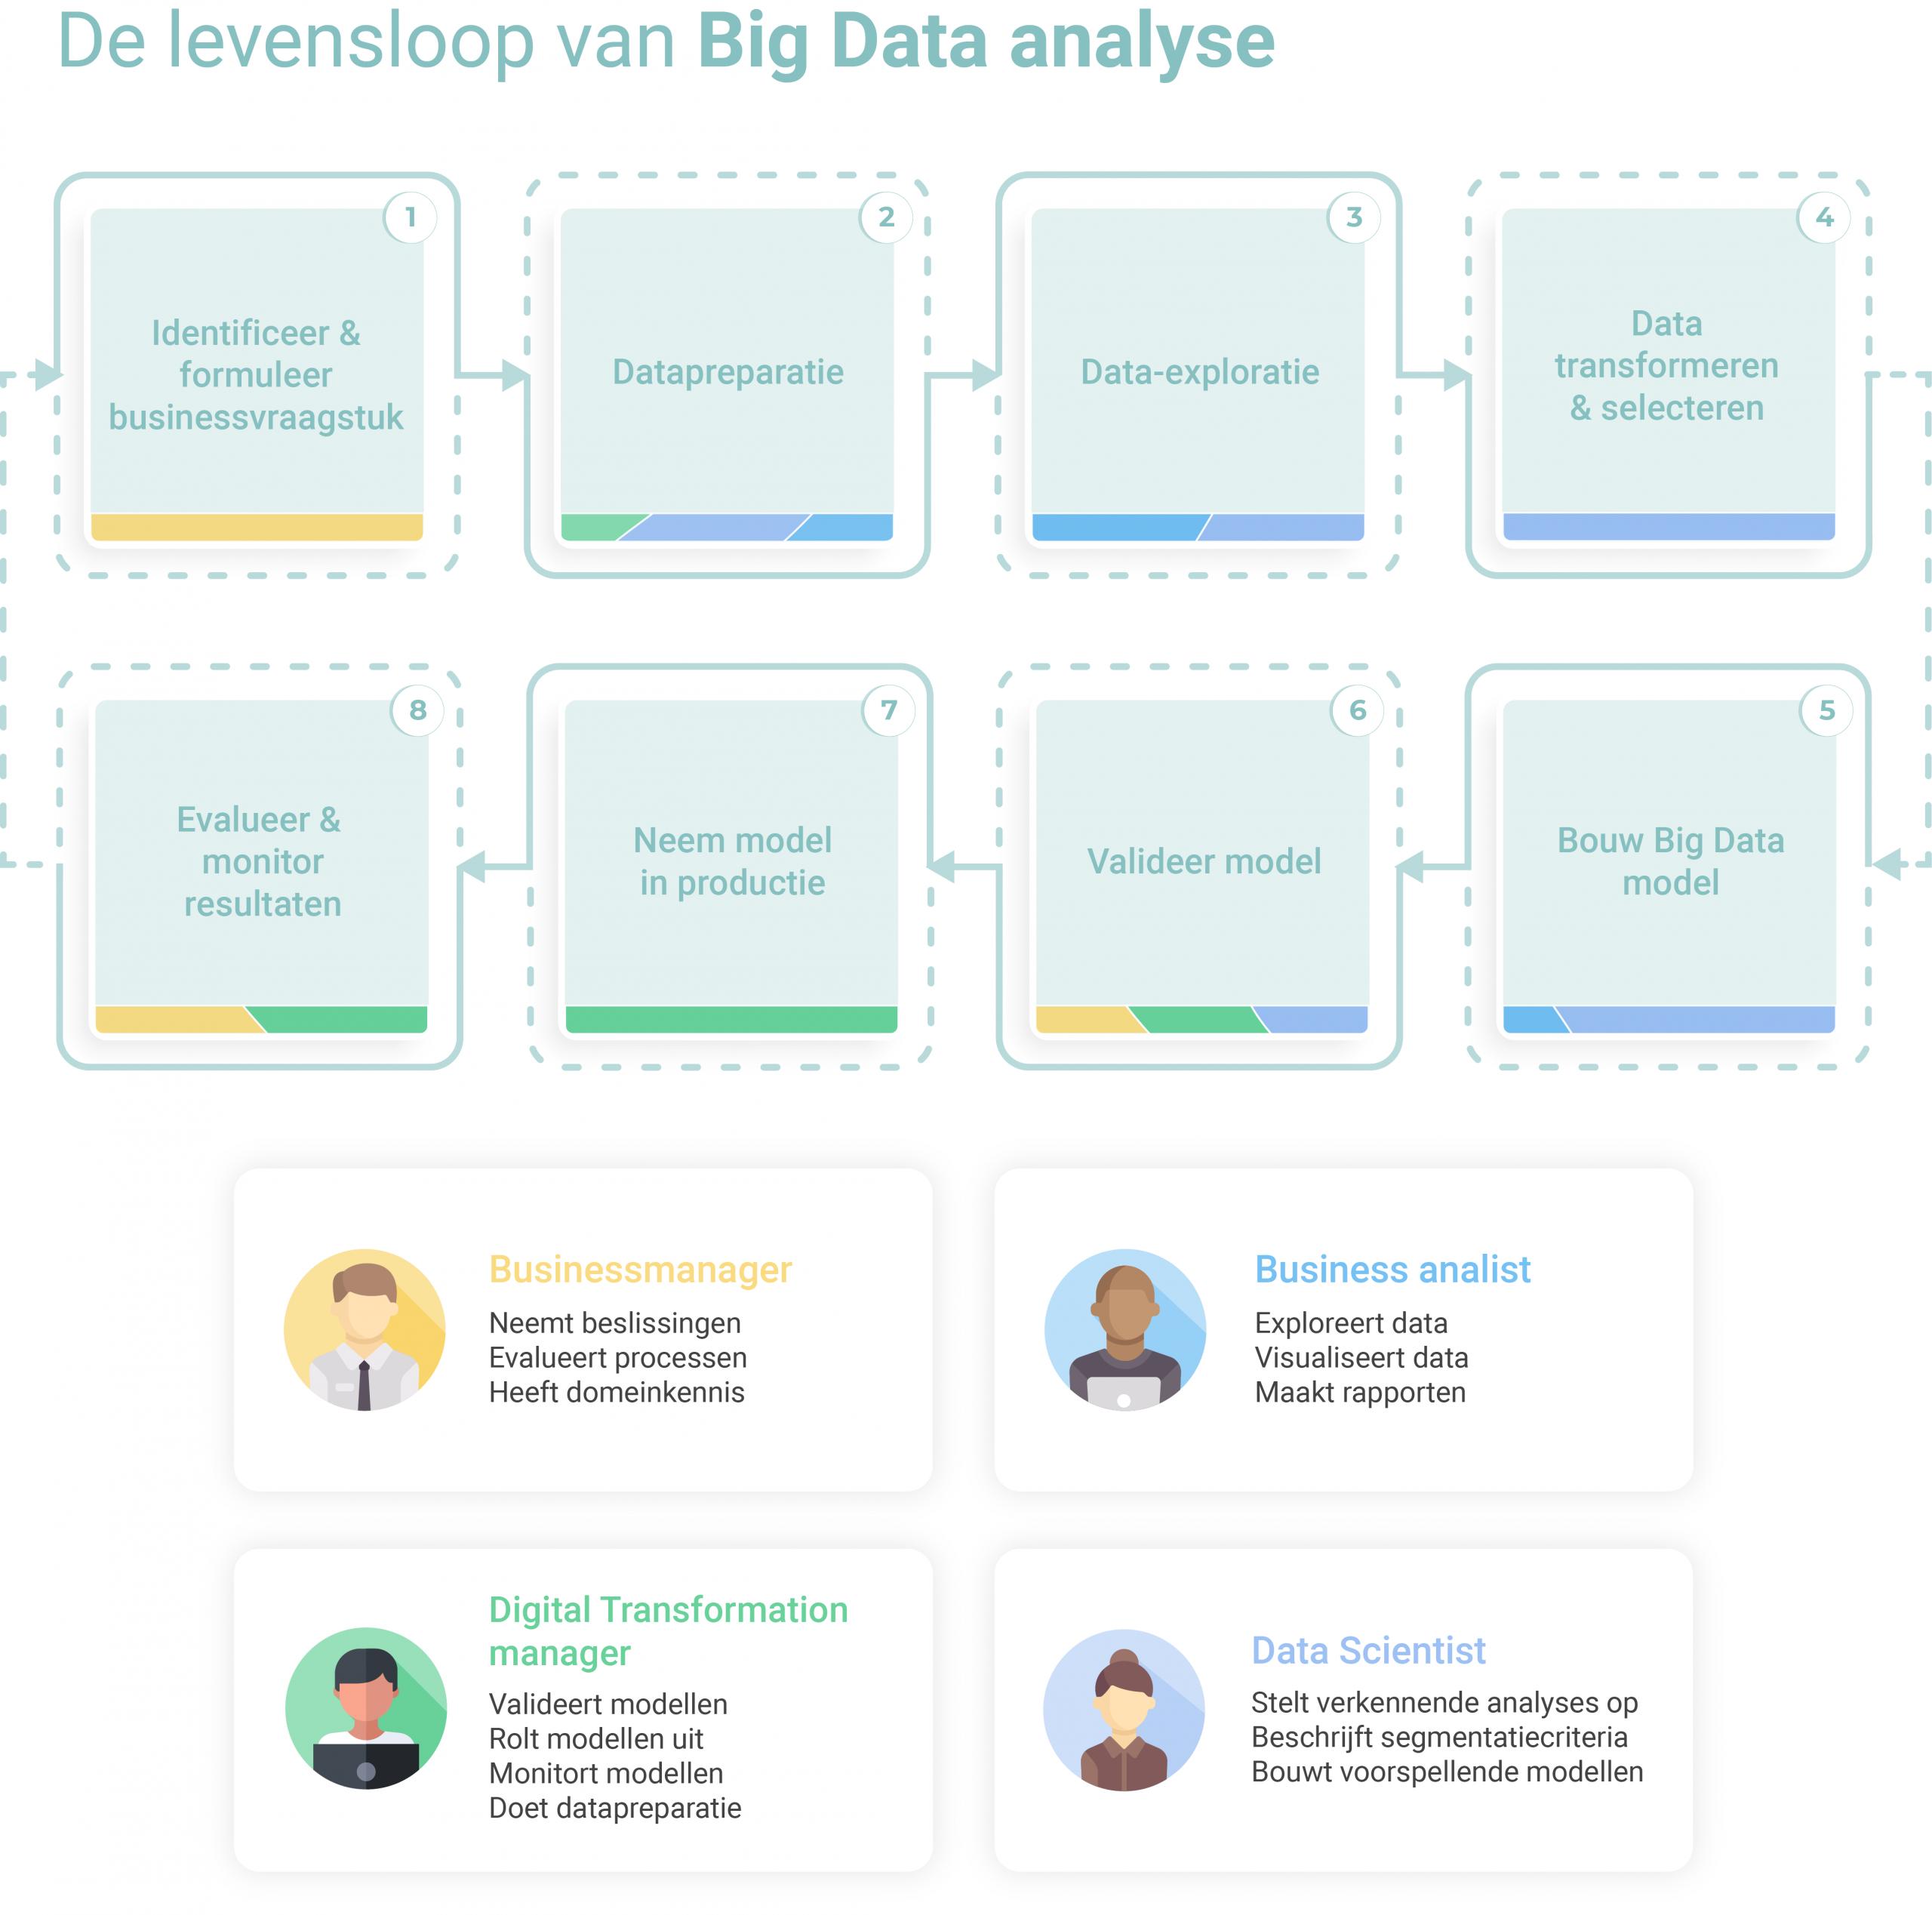 De levensloop van Big Data analyse